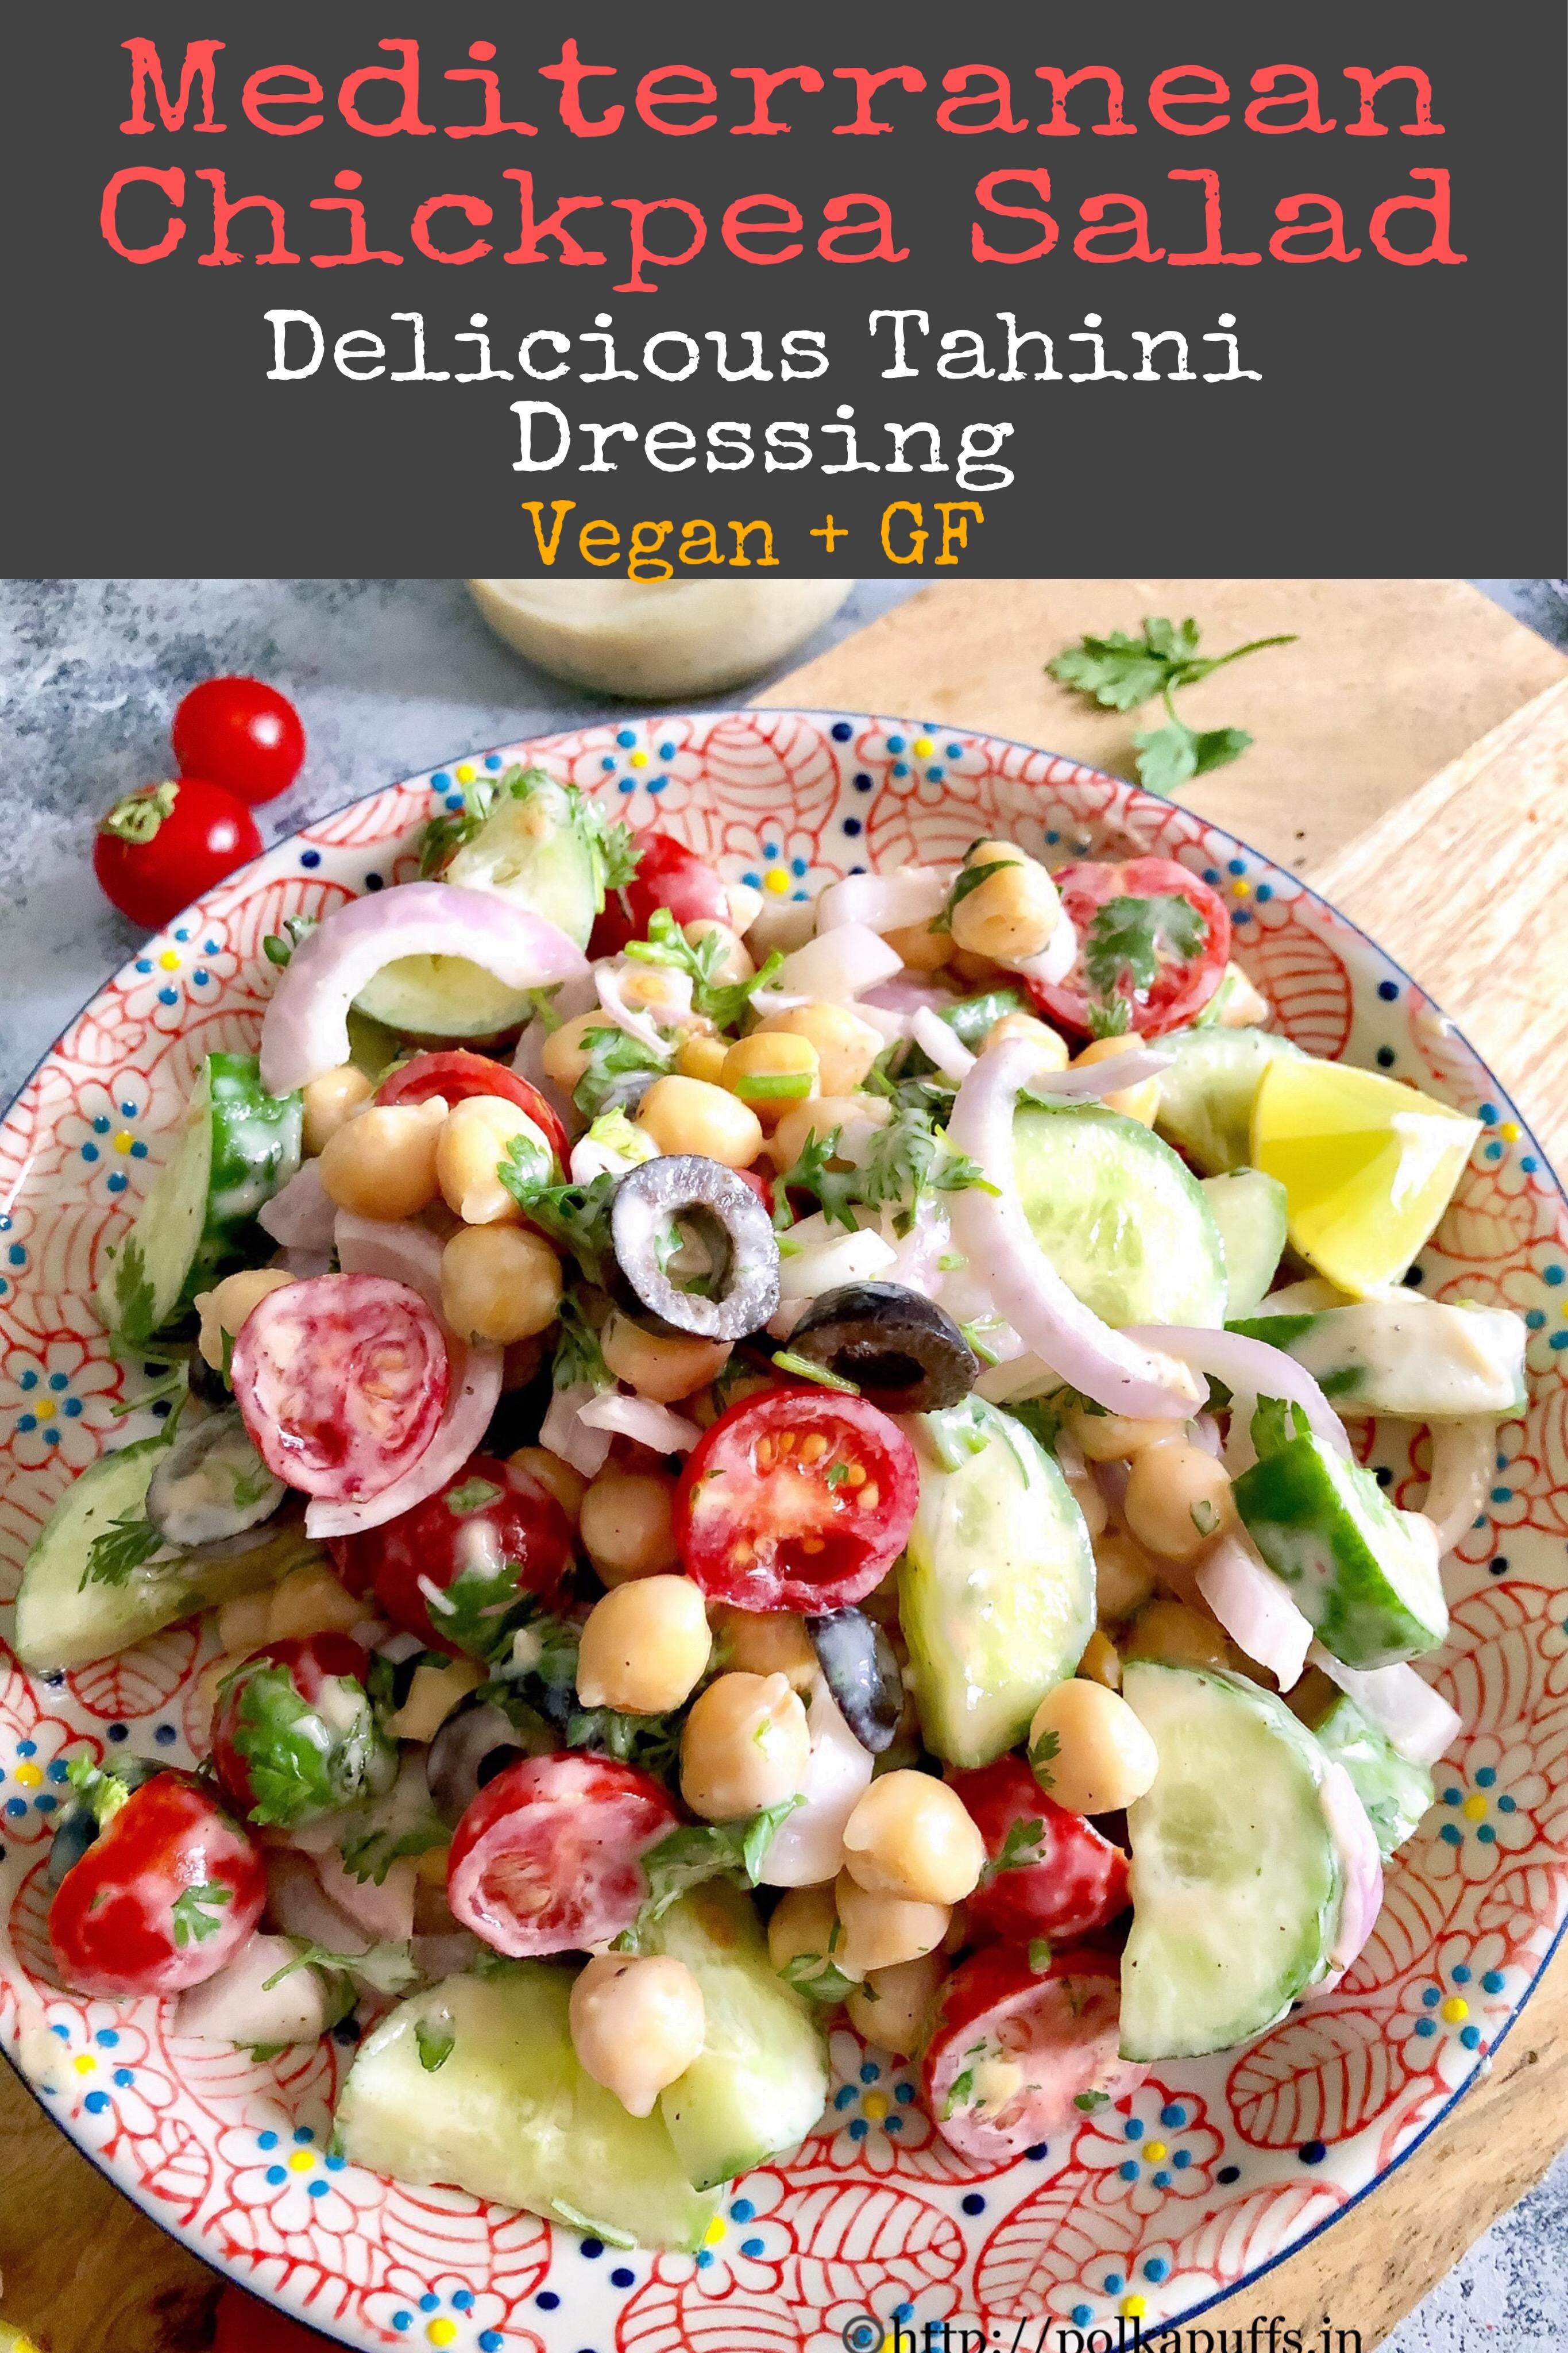 mediterranean Chickpea salad pinterest